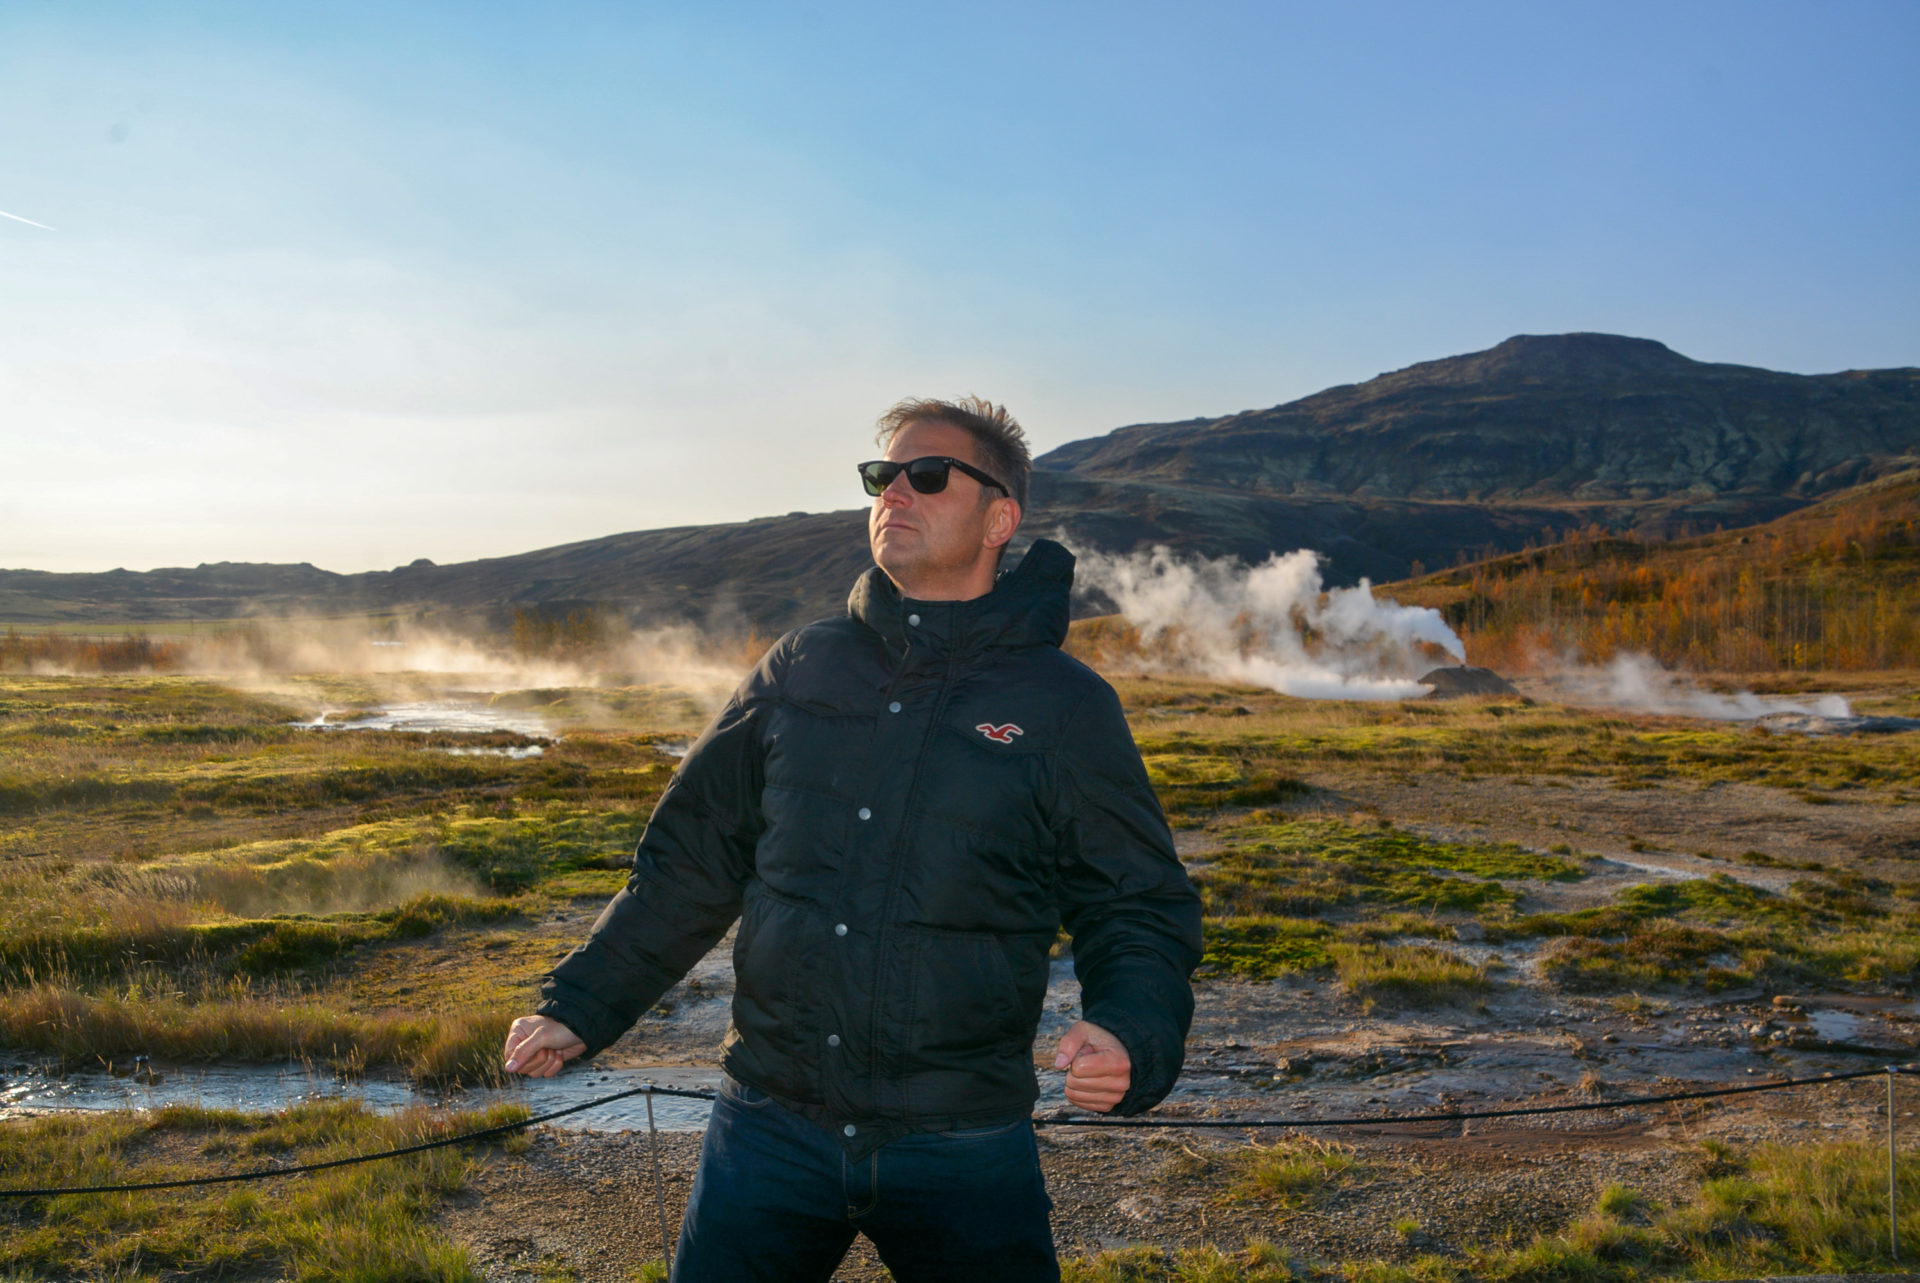 Autor Ralf vor dem Geysir im Folgenen Dreieck von Island